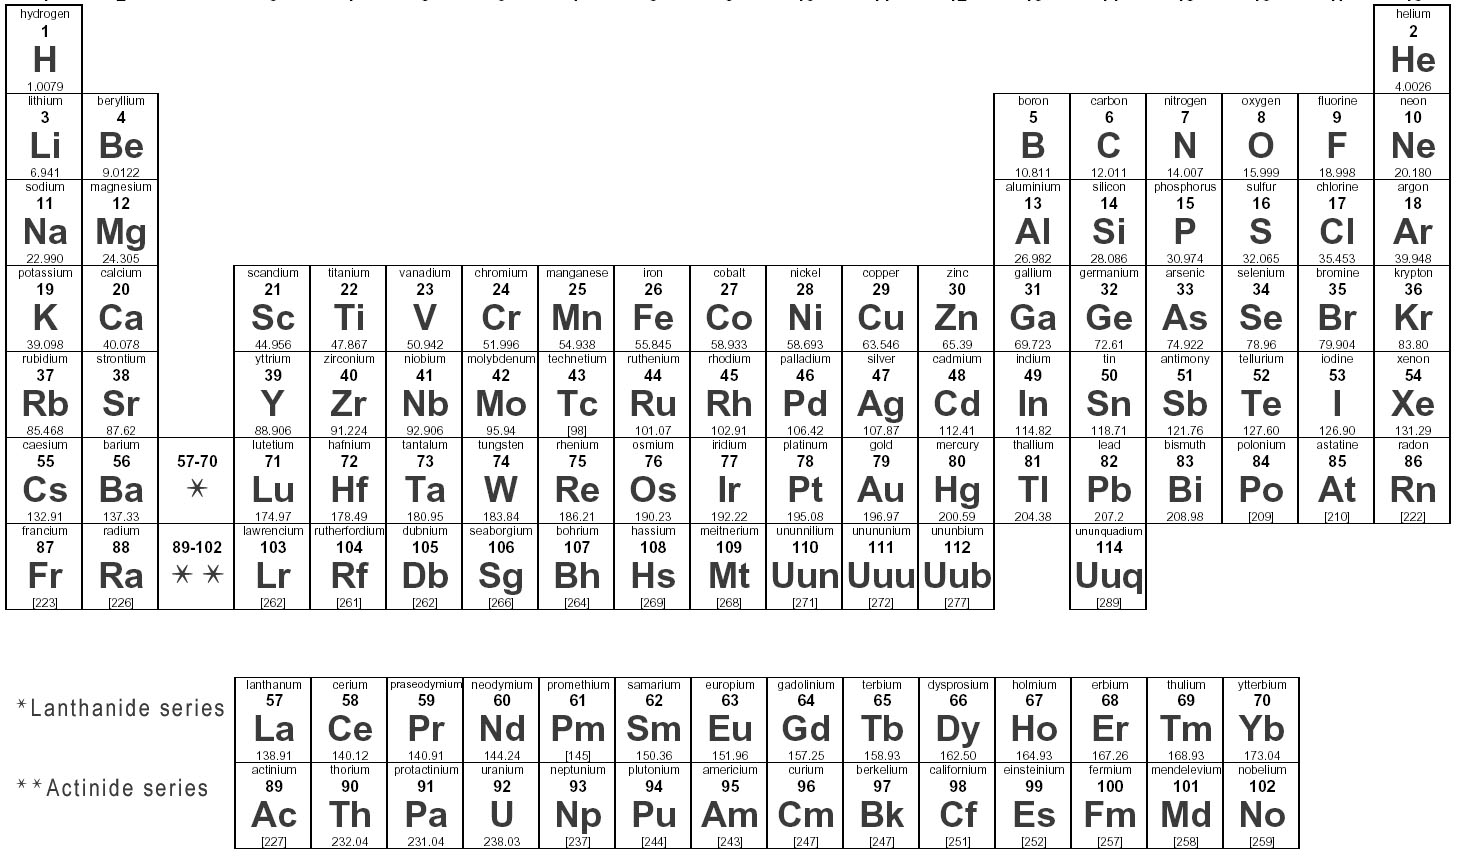 J H Element 119 Kariodisonium Periodic Table Trends